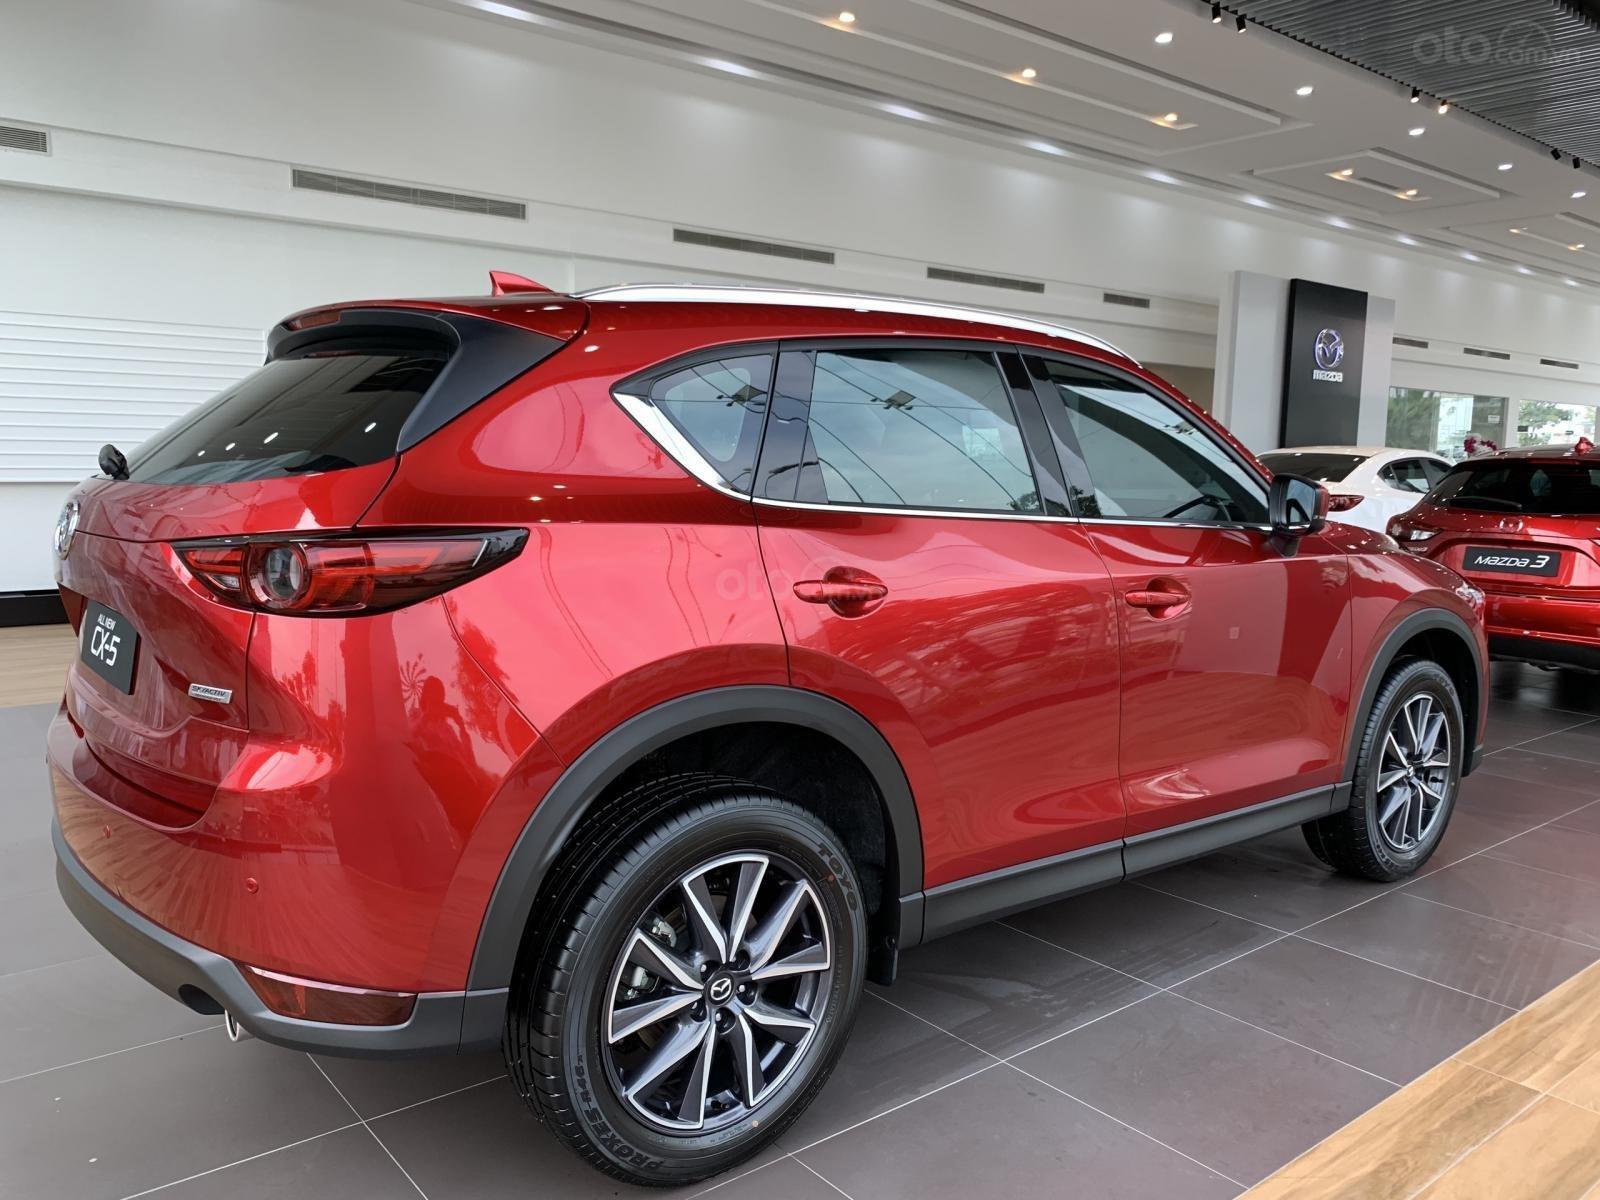 Bán Mazda CX5 2019 ưu đãi khủng 75 triệu, chỉ cần trả trước 250tr, HL 0909272088-1